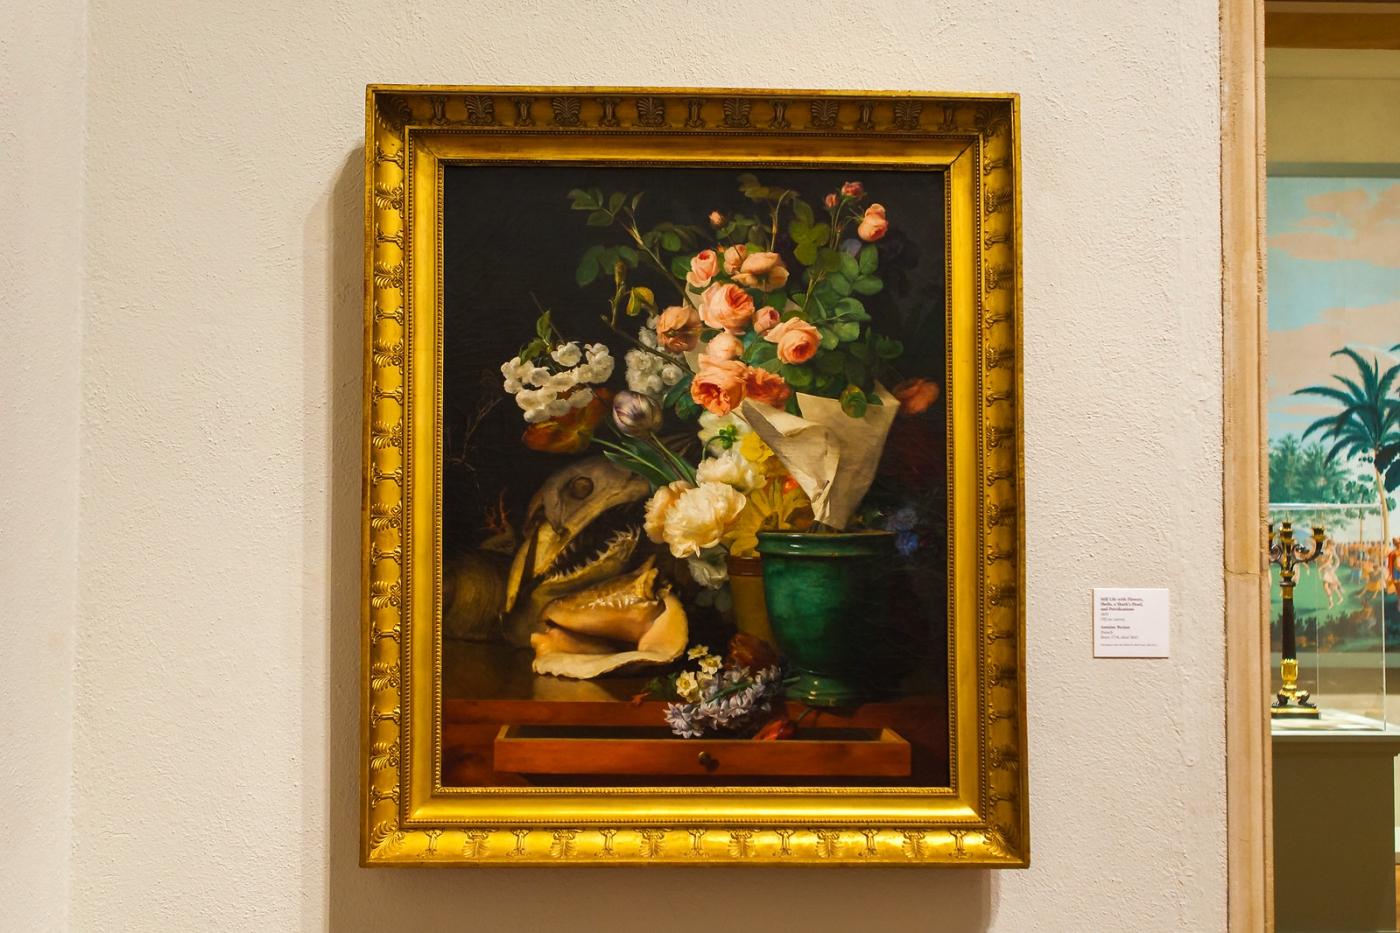 费城艺术馆,那些馆藏稀世油画_图1-4